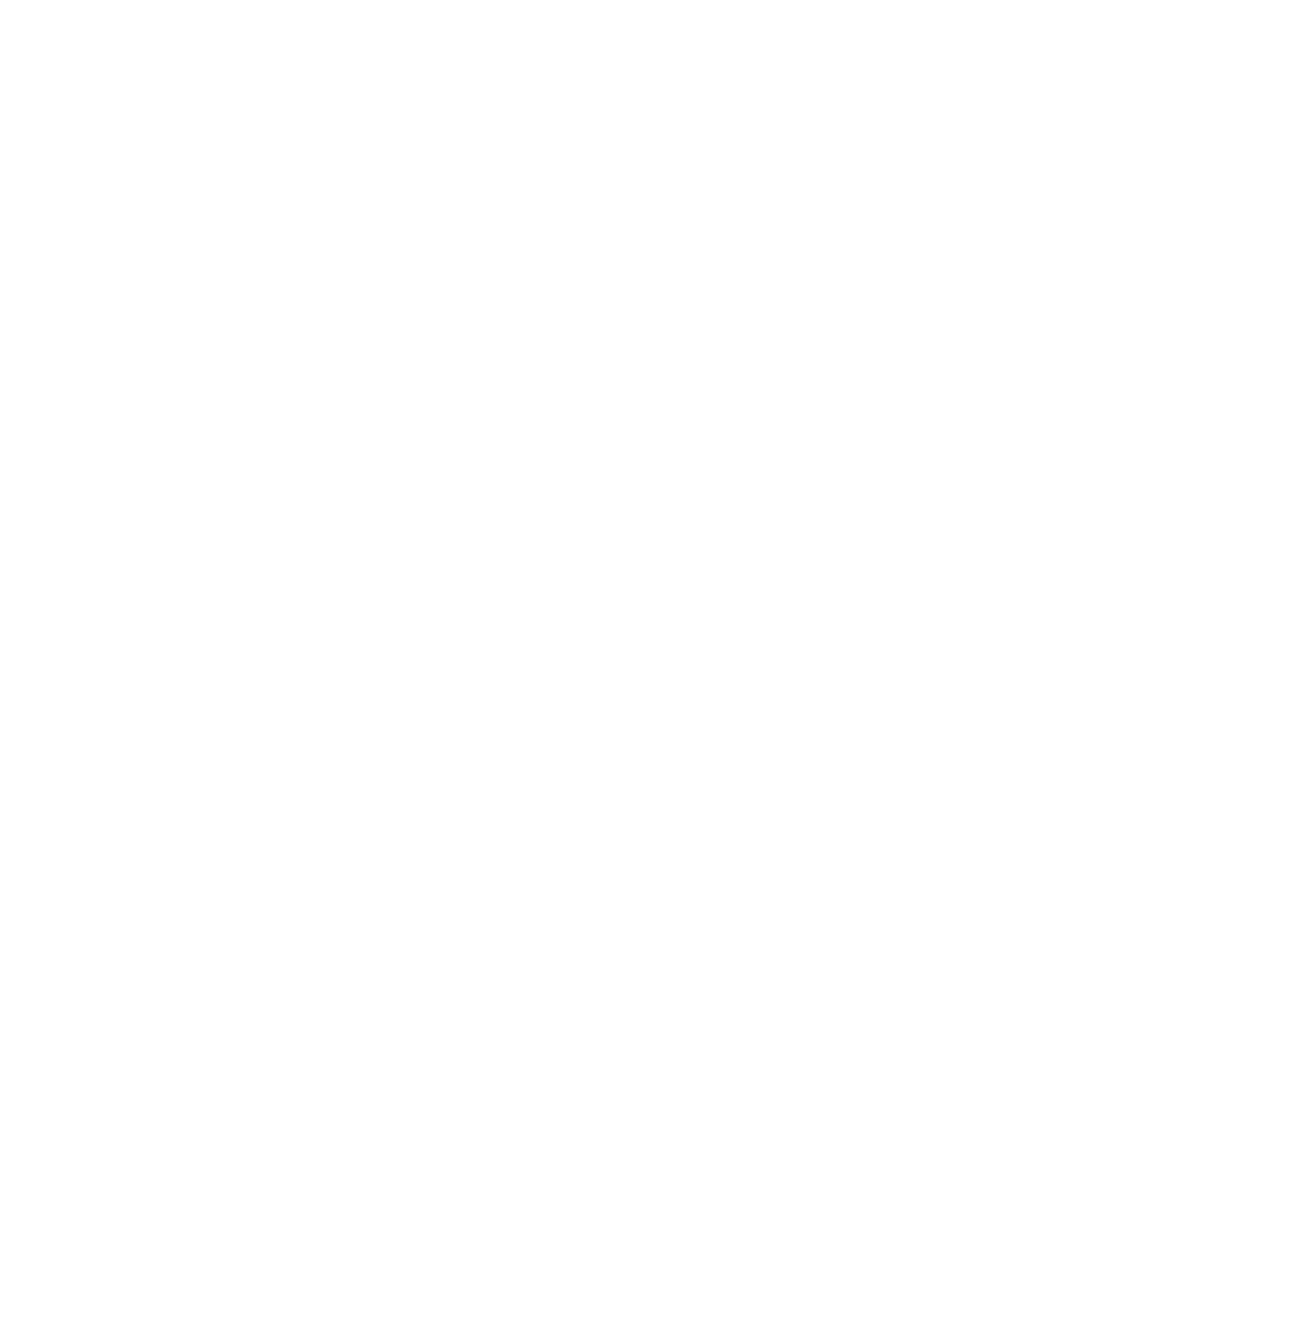 EMCLD